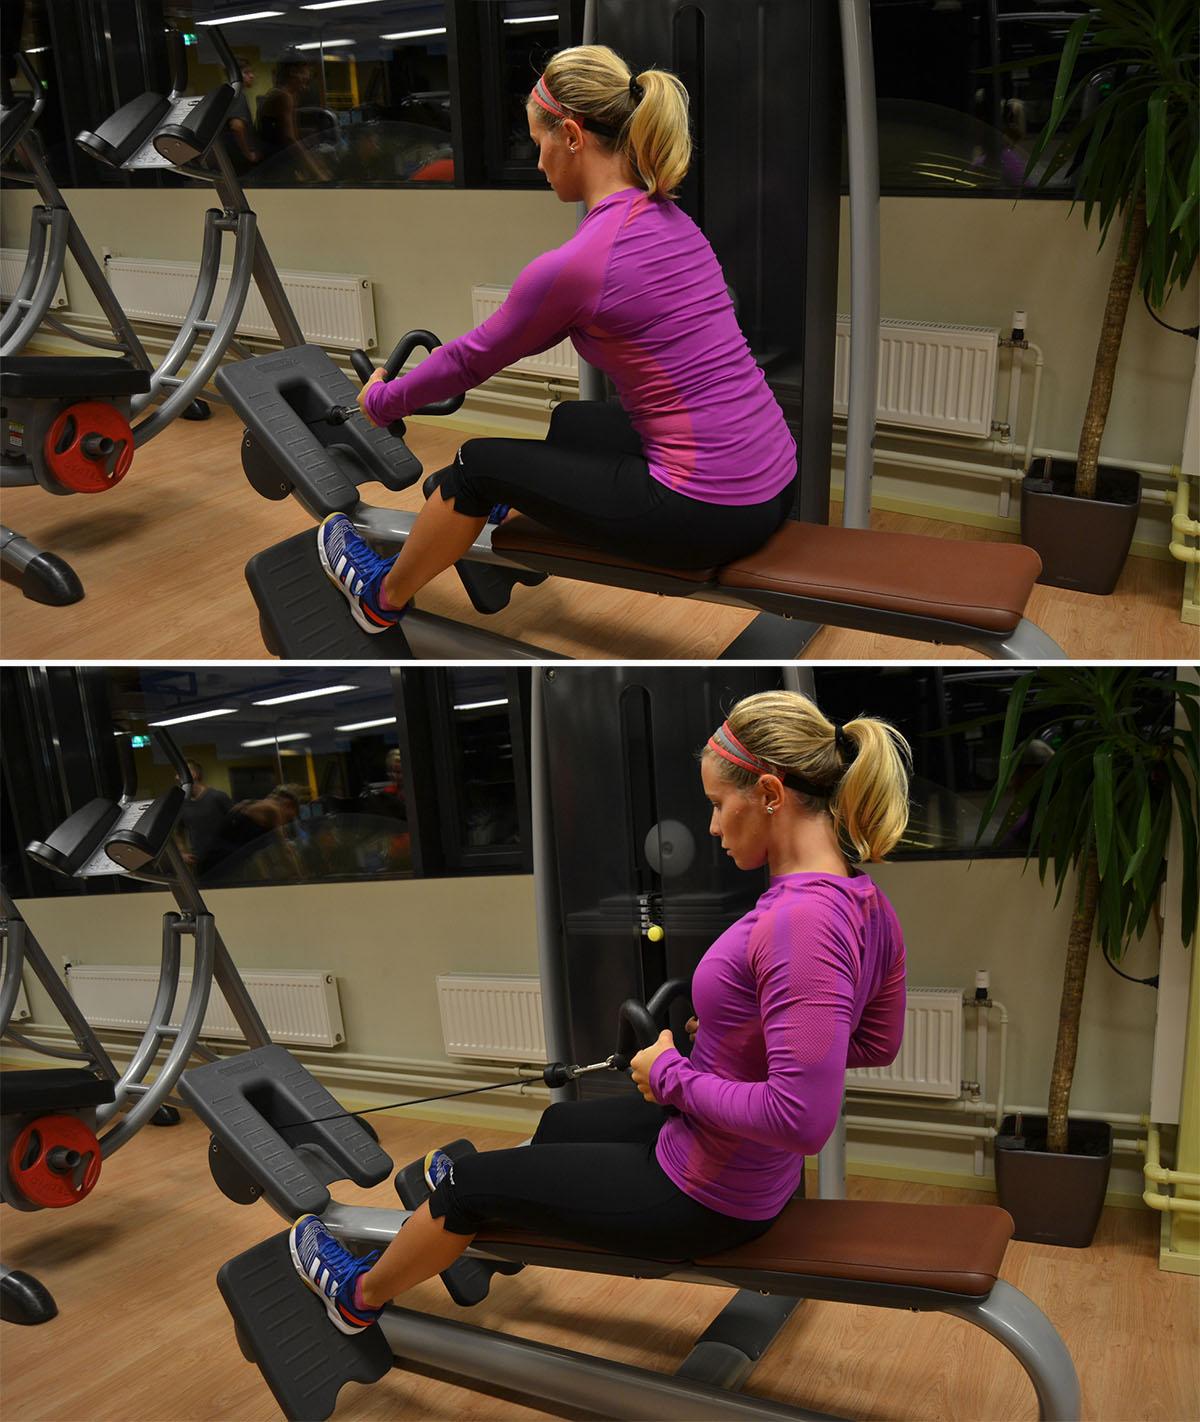 övningar på gymmet